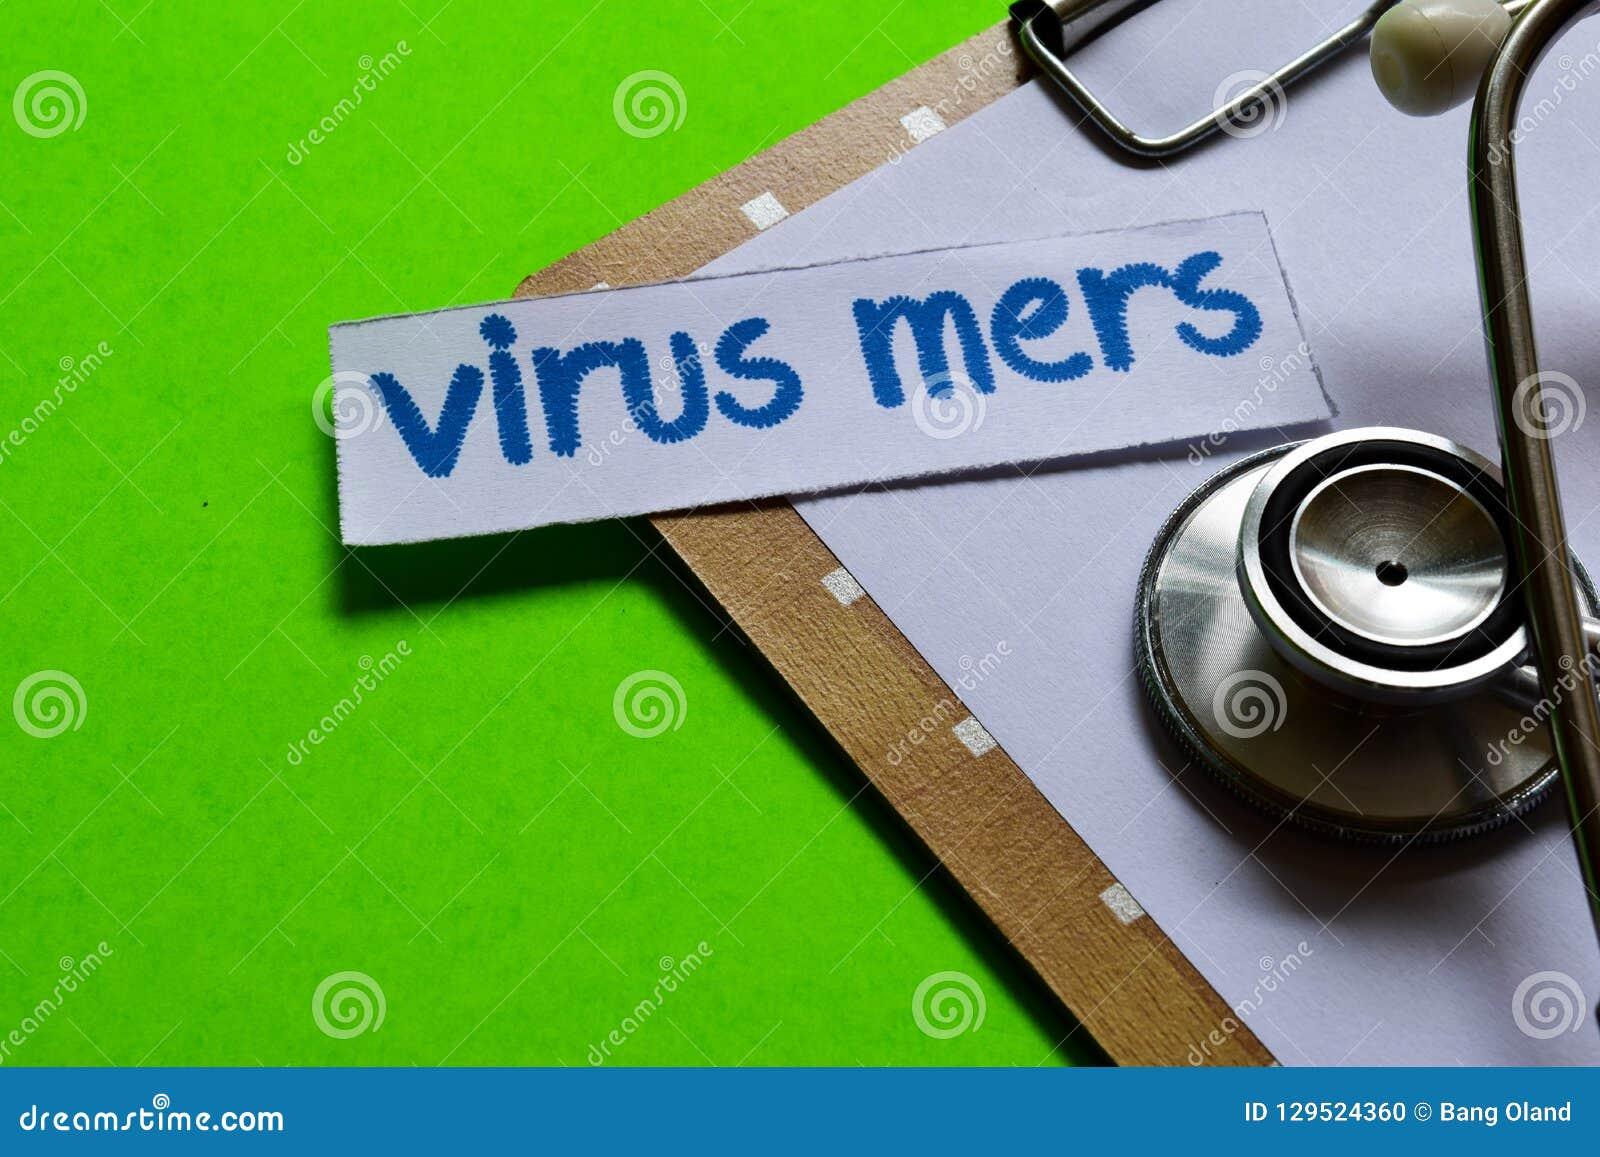 Mers вируса на концепции здравоохранения с зеленой предпосылкой